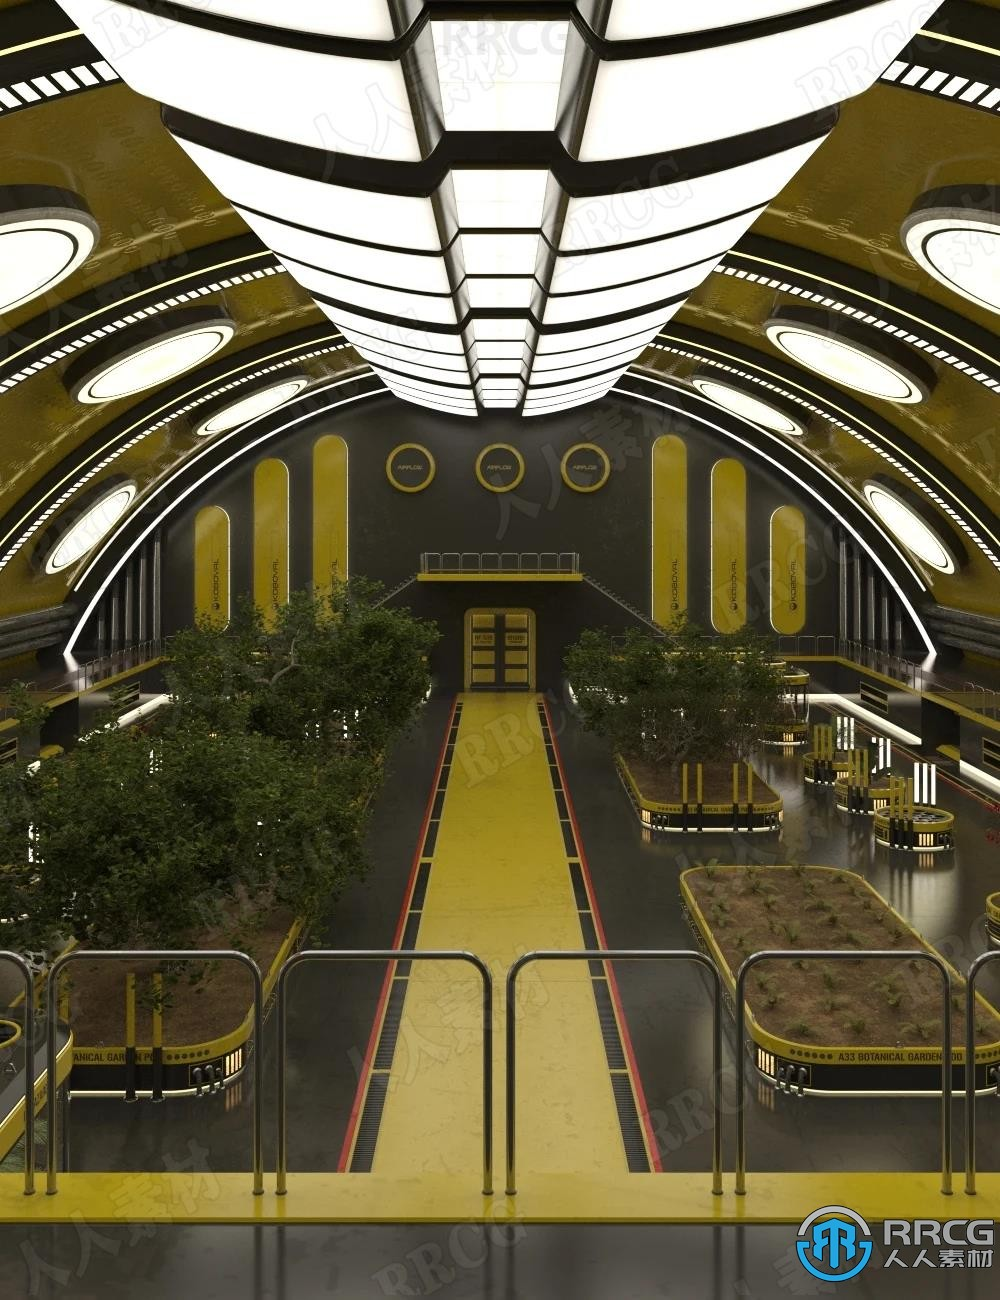 室内高级科技植物园环境场景3D模型合集